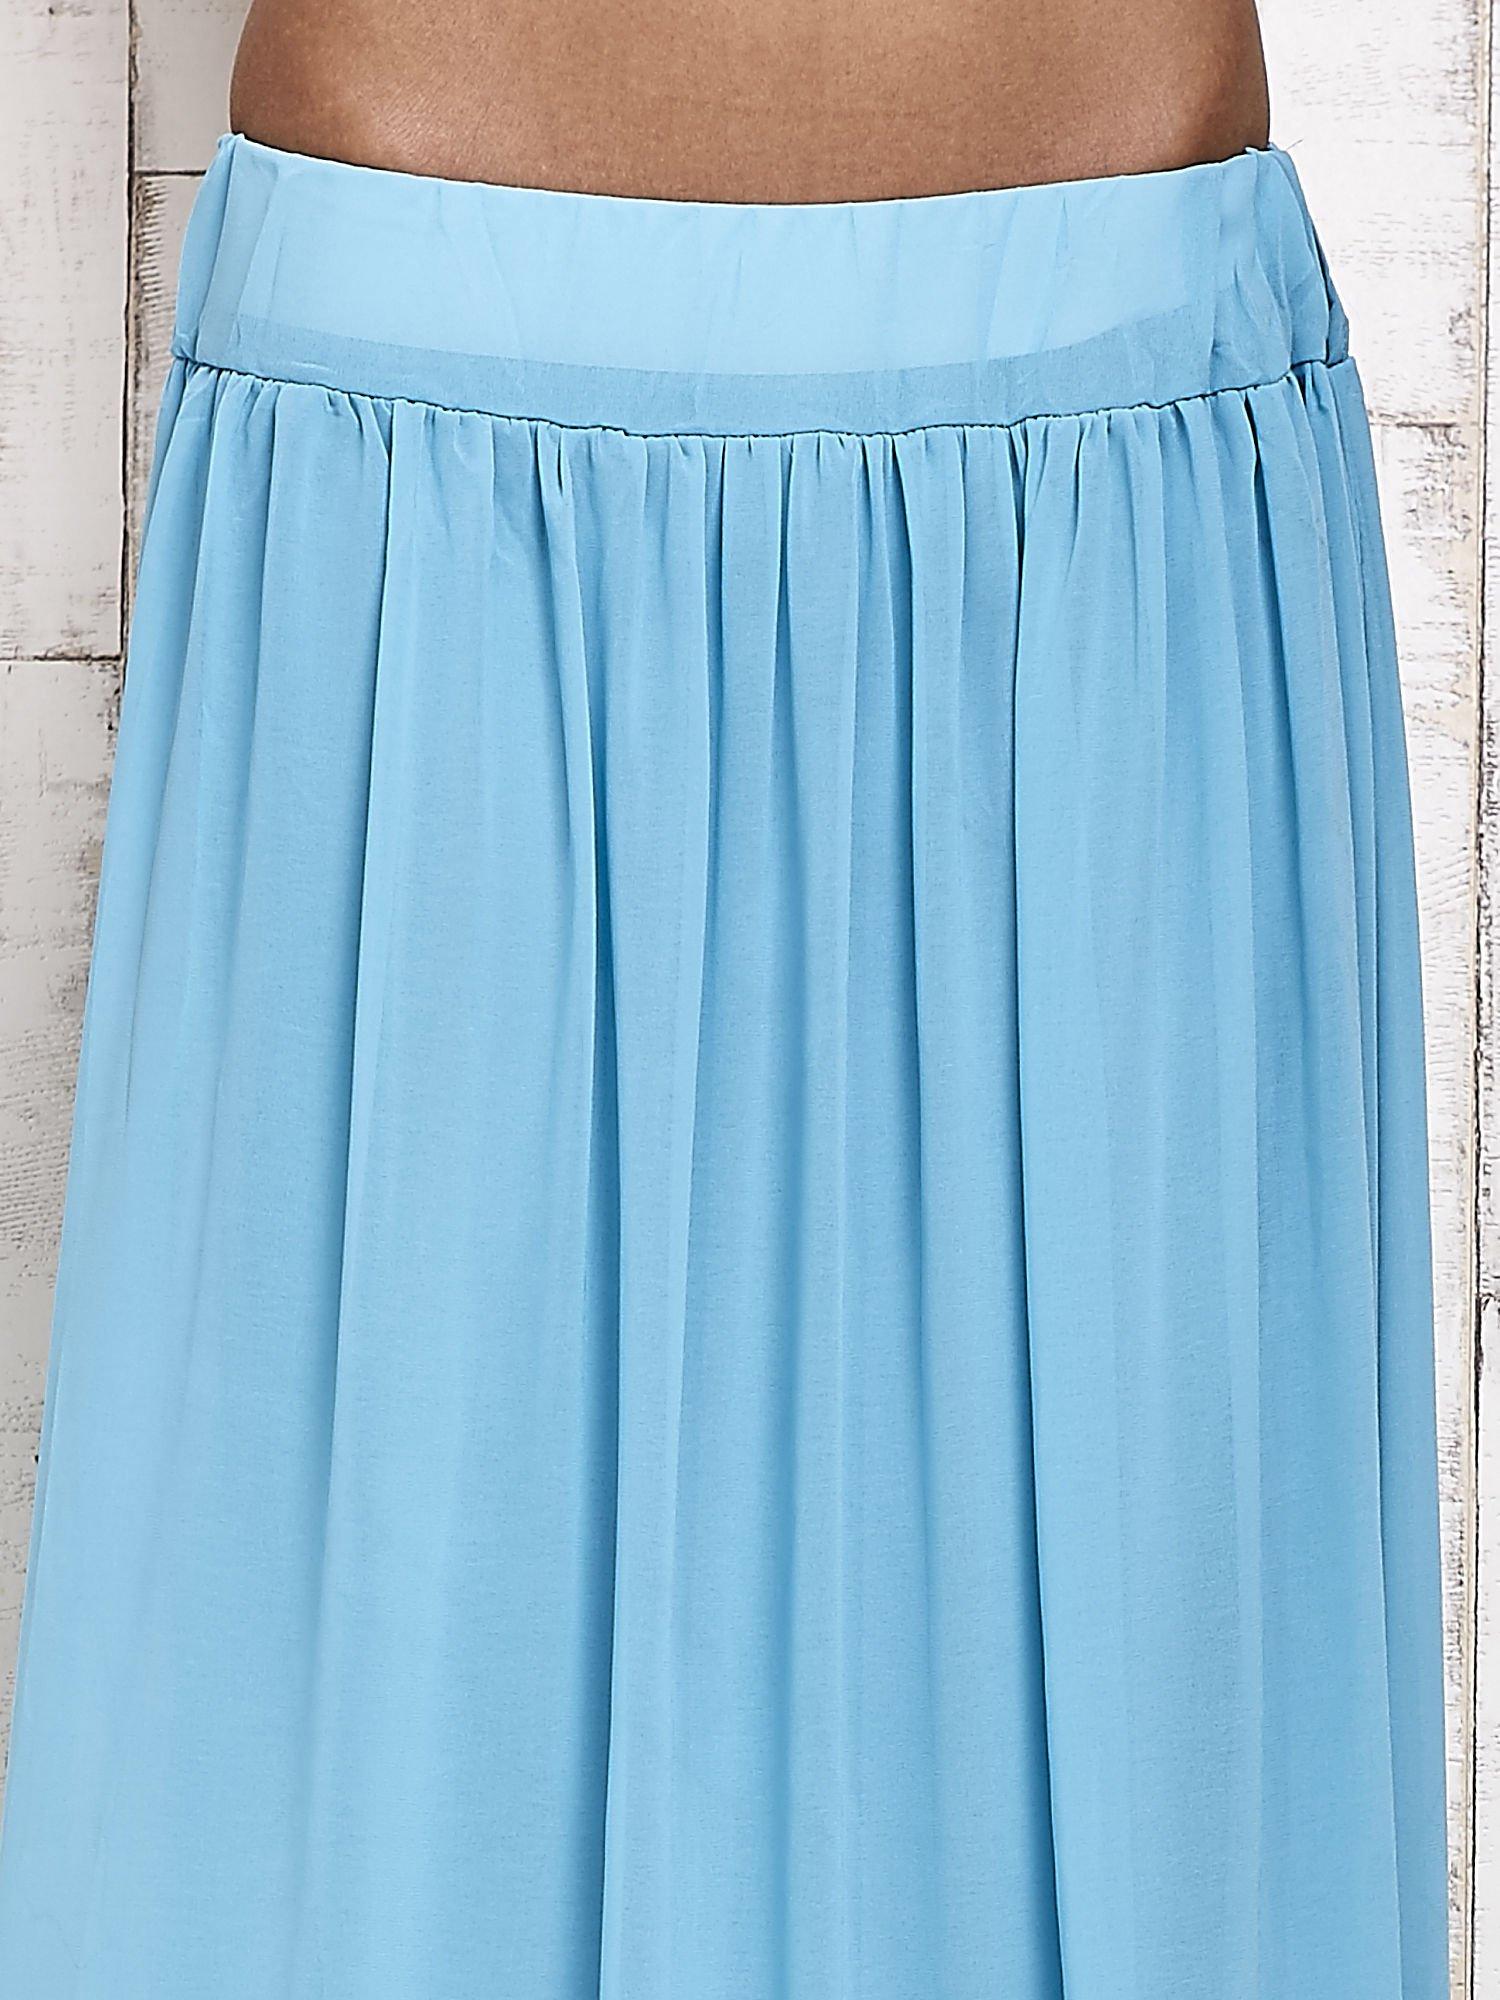 Niebieska spódnica maxi na gumkę w pasie                                  zdj.                                  4